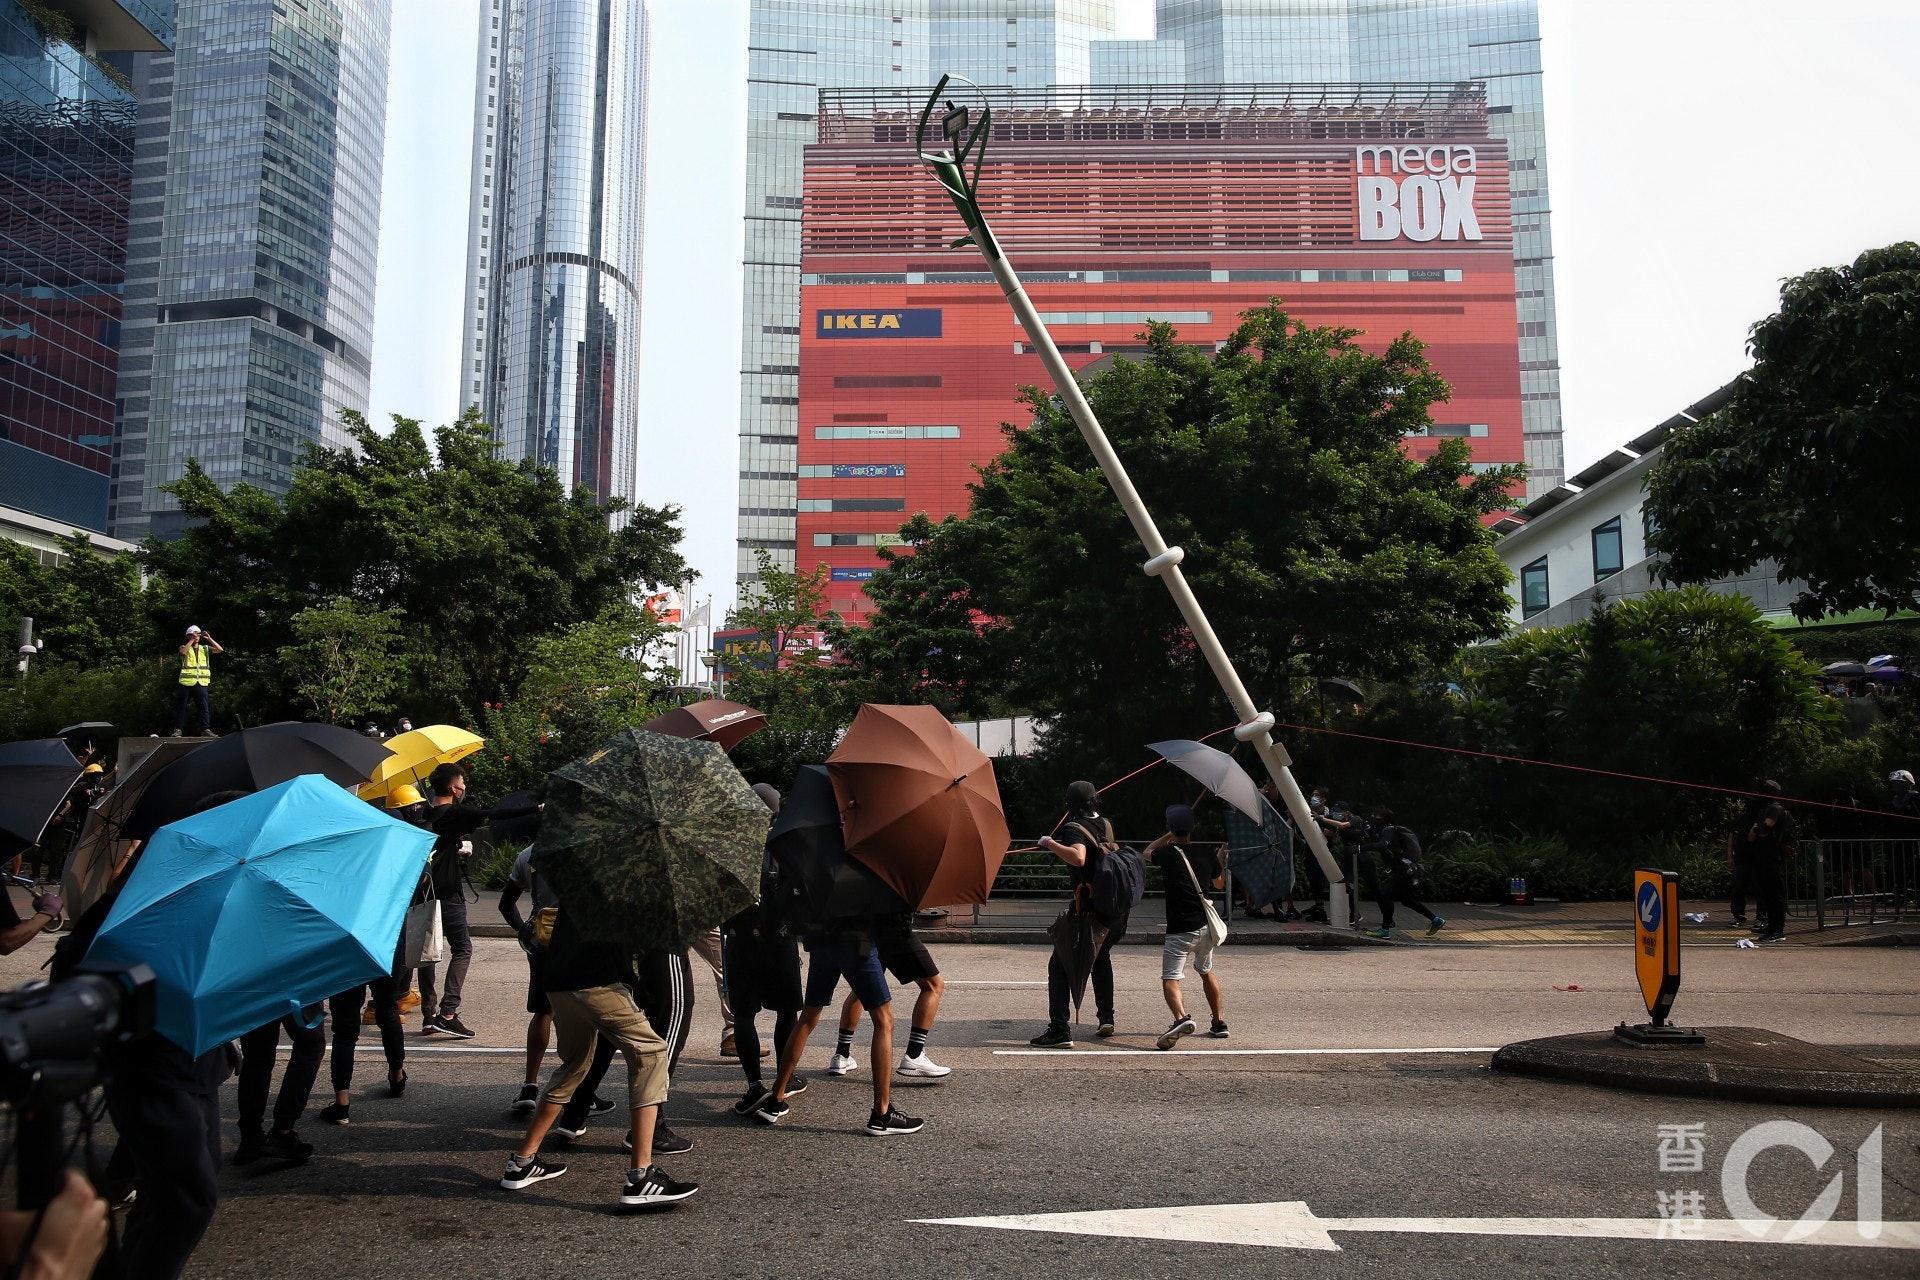 示威者嘗試拉倒智慧燈柱。(羅君豪攝)